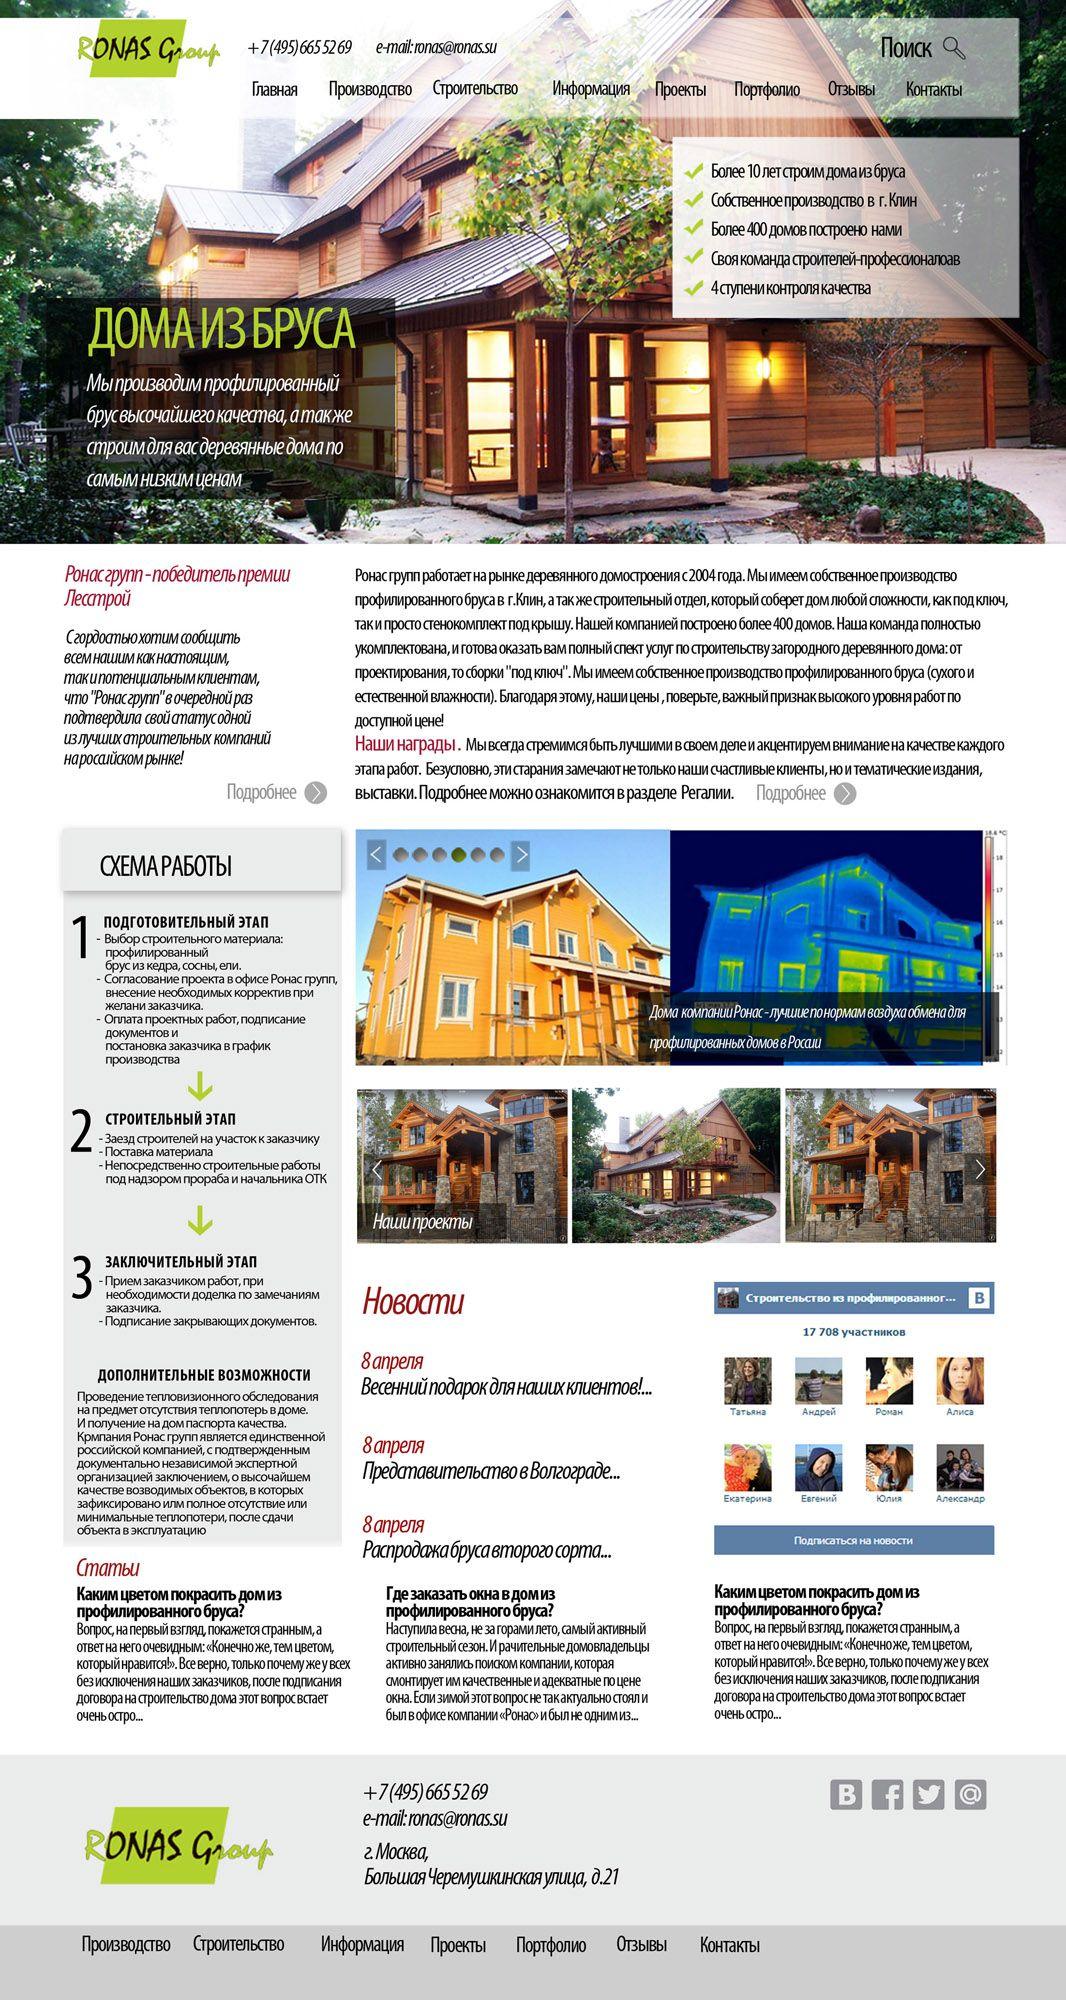 Редизайн сайта производителя домов - дизайнер 9116828